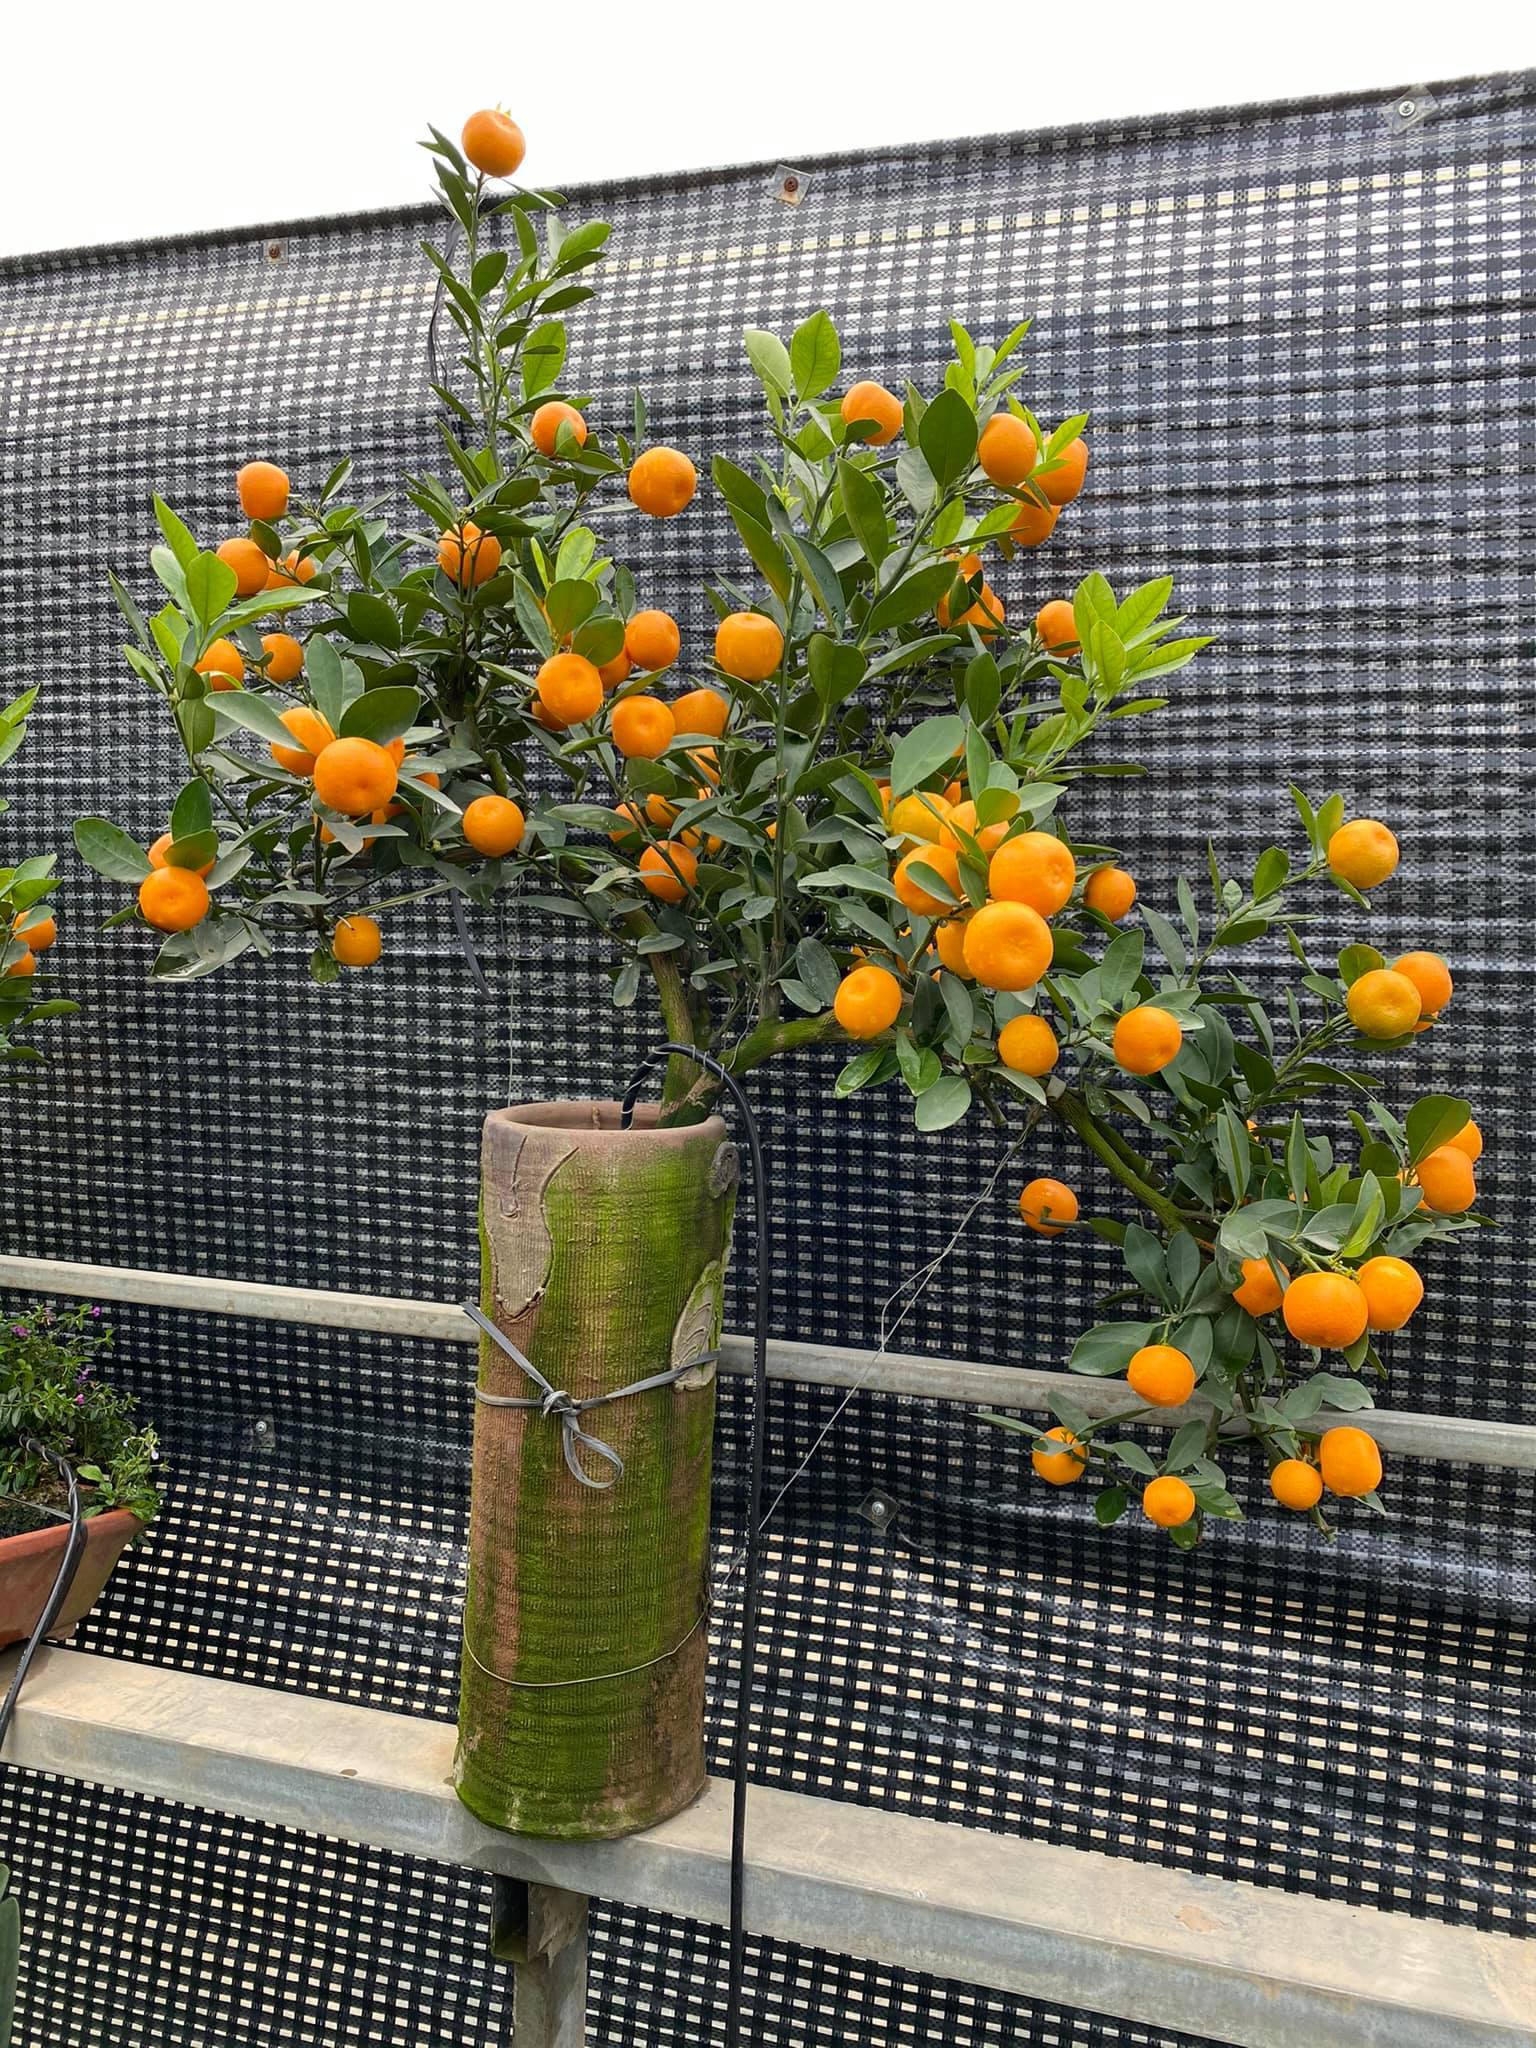 Tết Tân Sửu: Quất bonsai mini, vừa túi tiền dễ bán, dễ mua, dễ trưng bày đắt khách như tôm tươi - Ảnh 5.